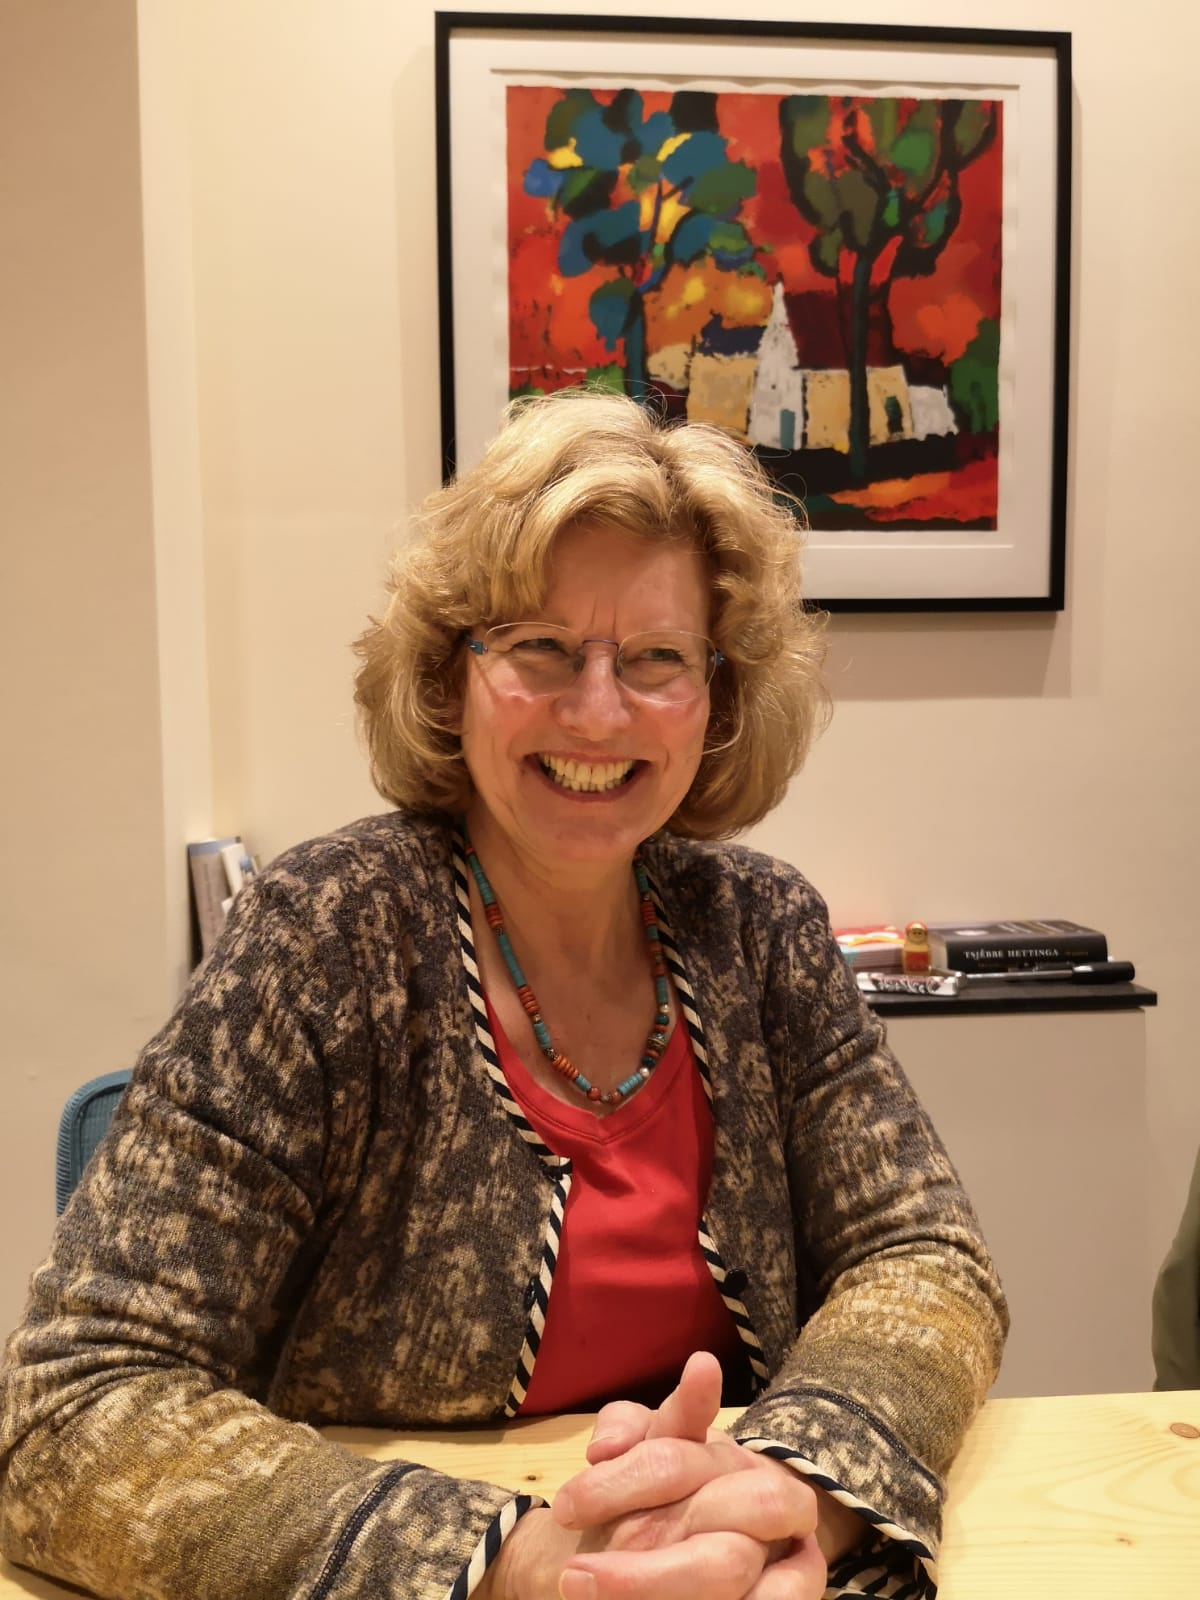 Marielle Gelissen